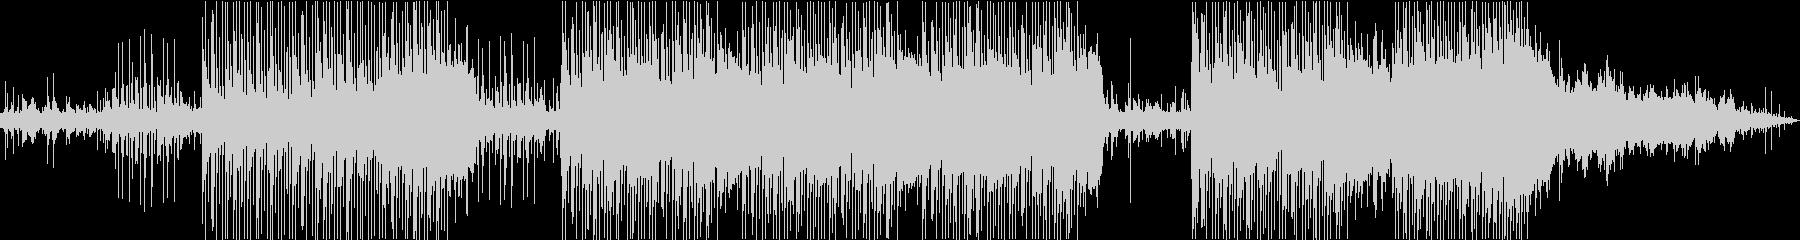 レトロ・ジャジーでチルLoFiなBGMの未再生の波形